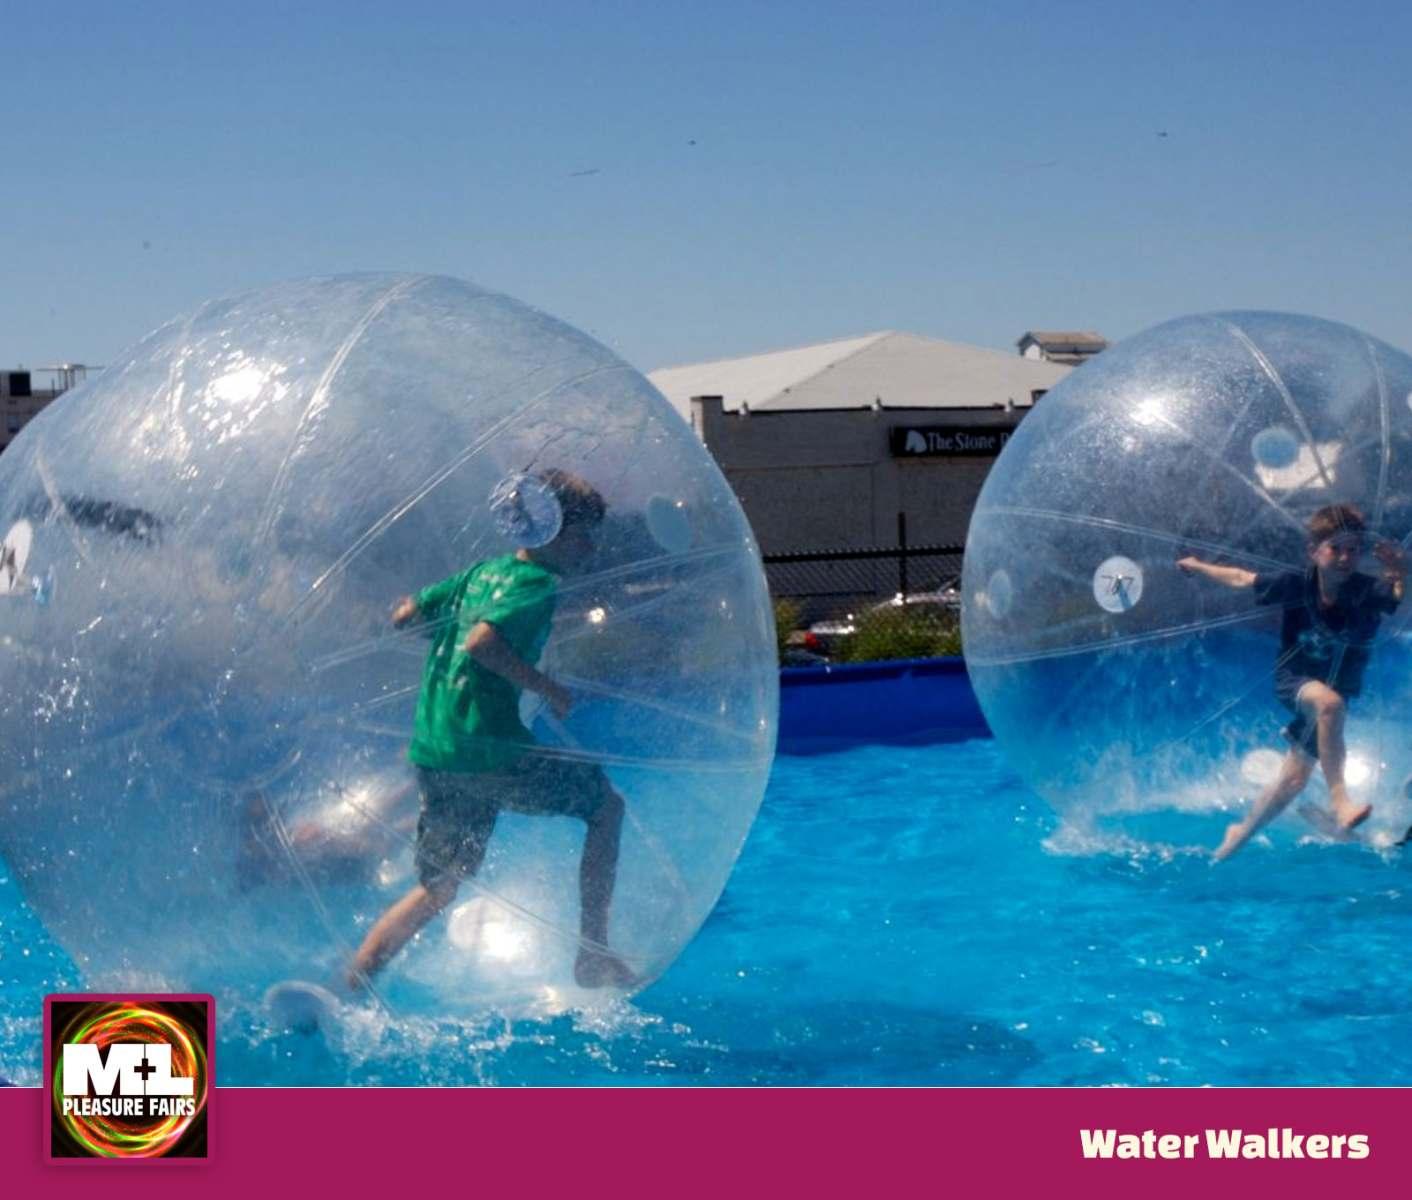 Water Walkers Ride Image